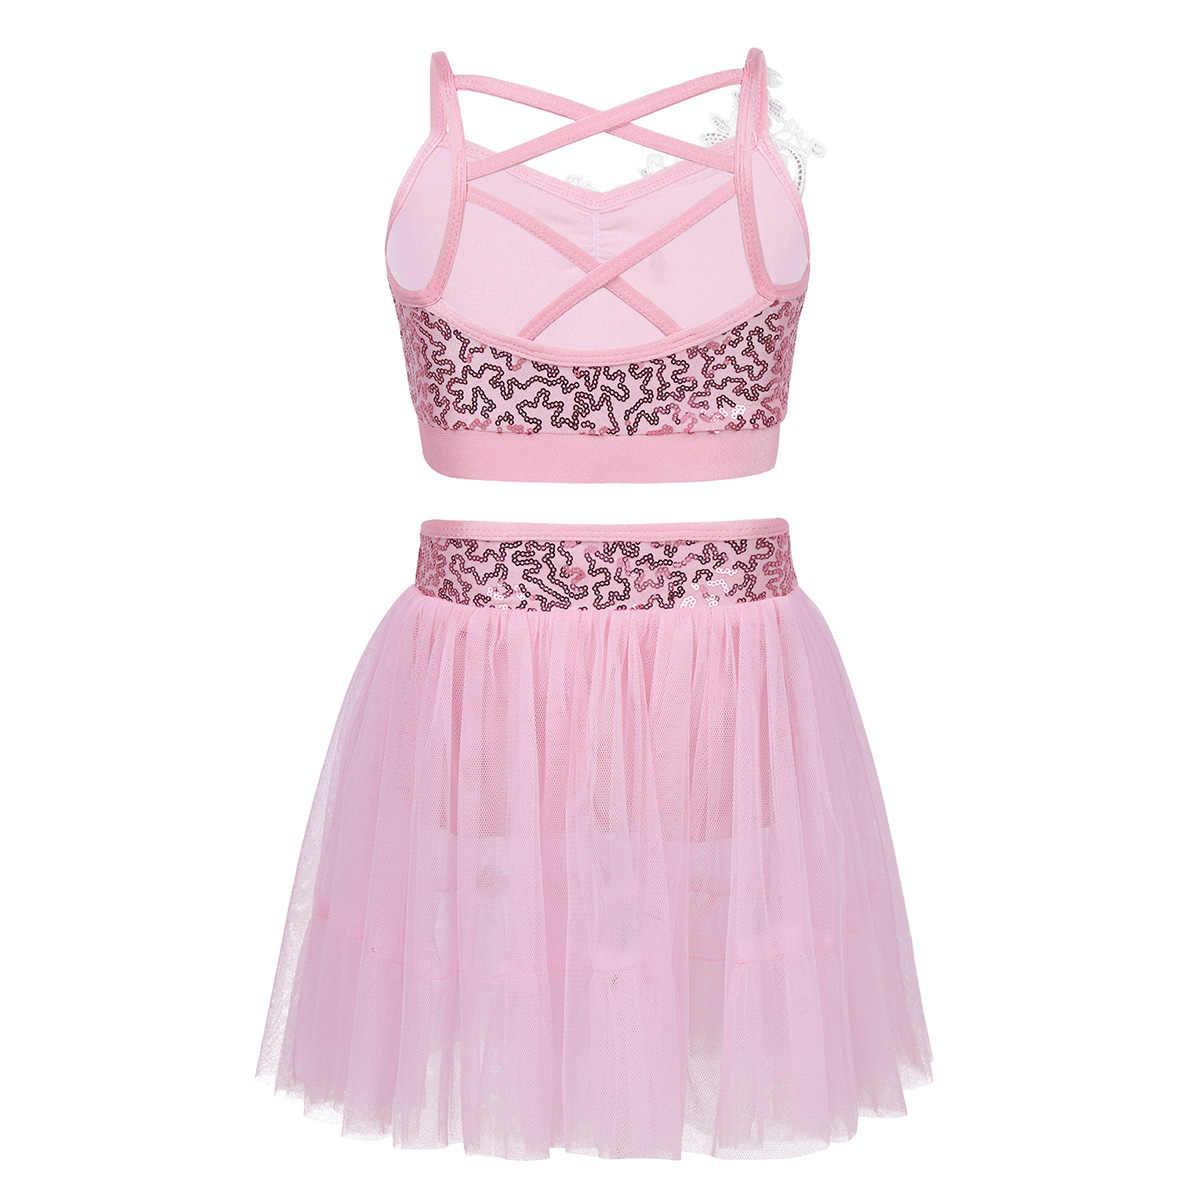 ChicTry/Детские топы с блестками; гимнастическая танцевальная пачка; балетная юбка; Комплект для девочек; платье для фигурного катания на коньках; лирические танцевальные костюмы